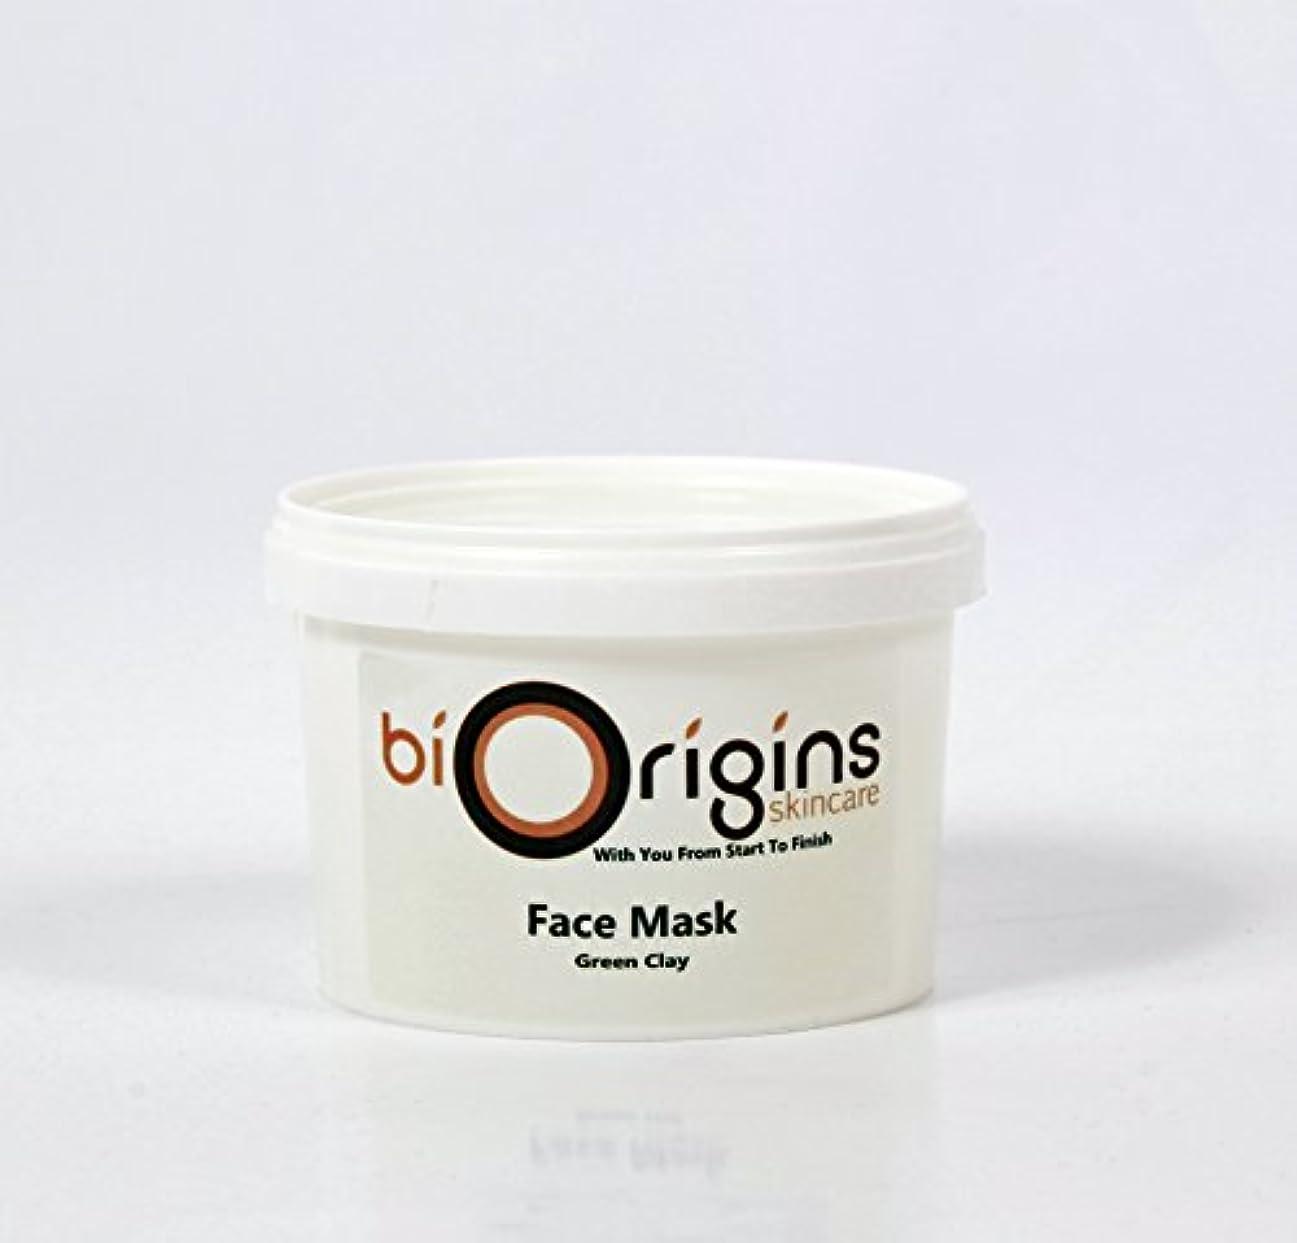 ミュウミュウツール行動Face Mask - Green Clay - Botanical Skincare Base - 500g